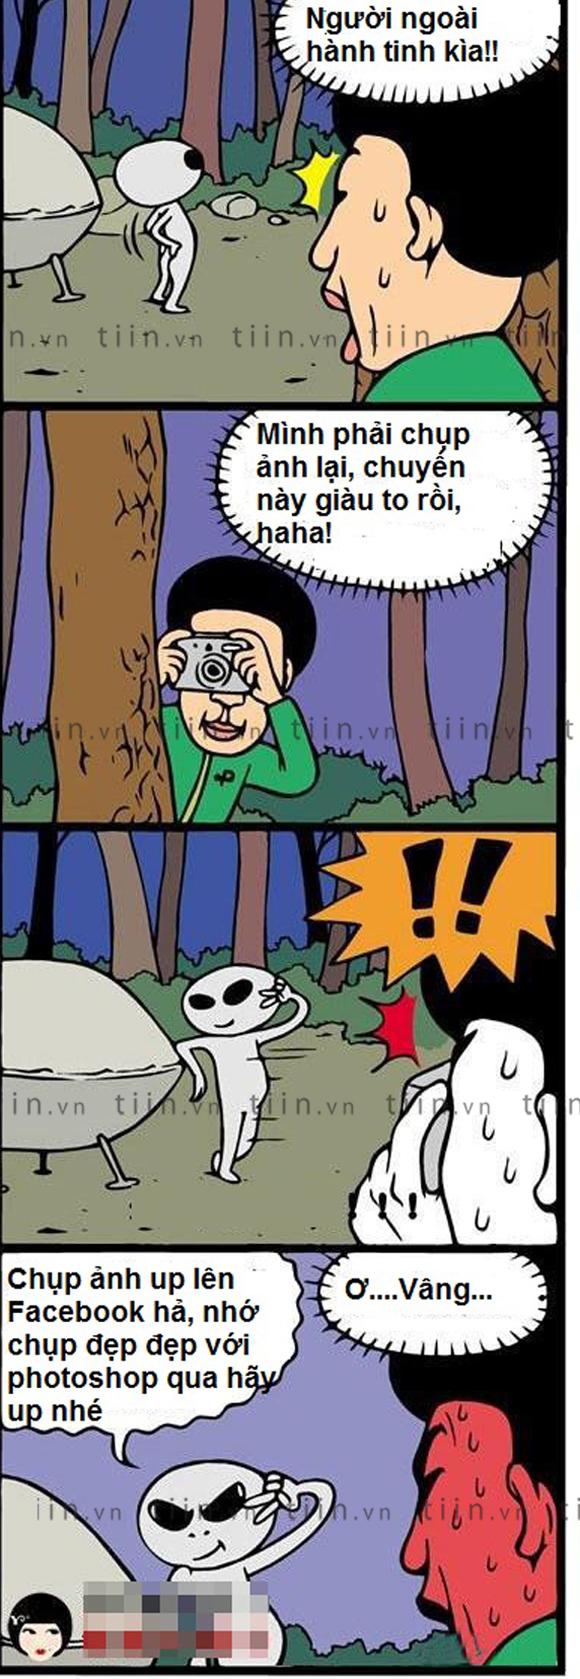 Khi người ngoài hành tinh chụp ảnh